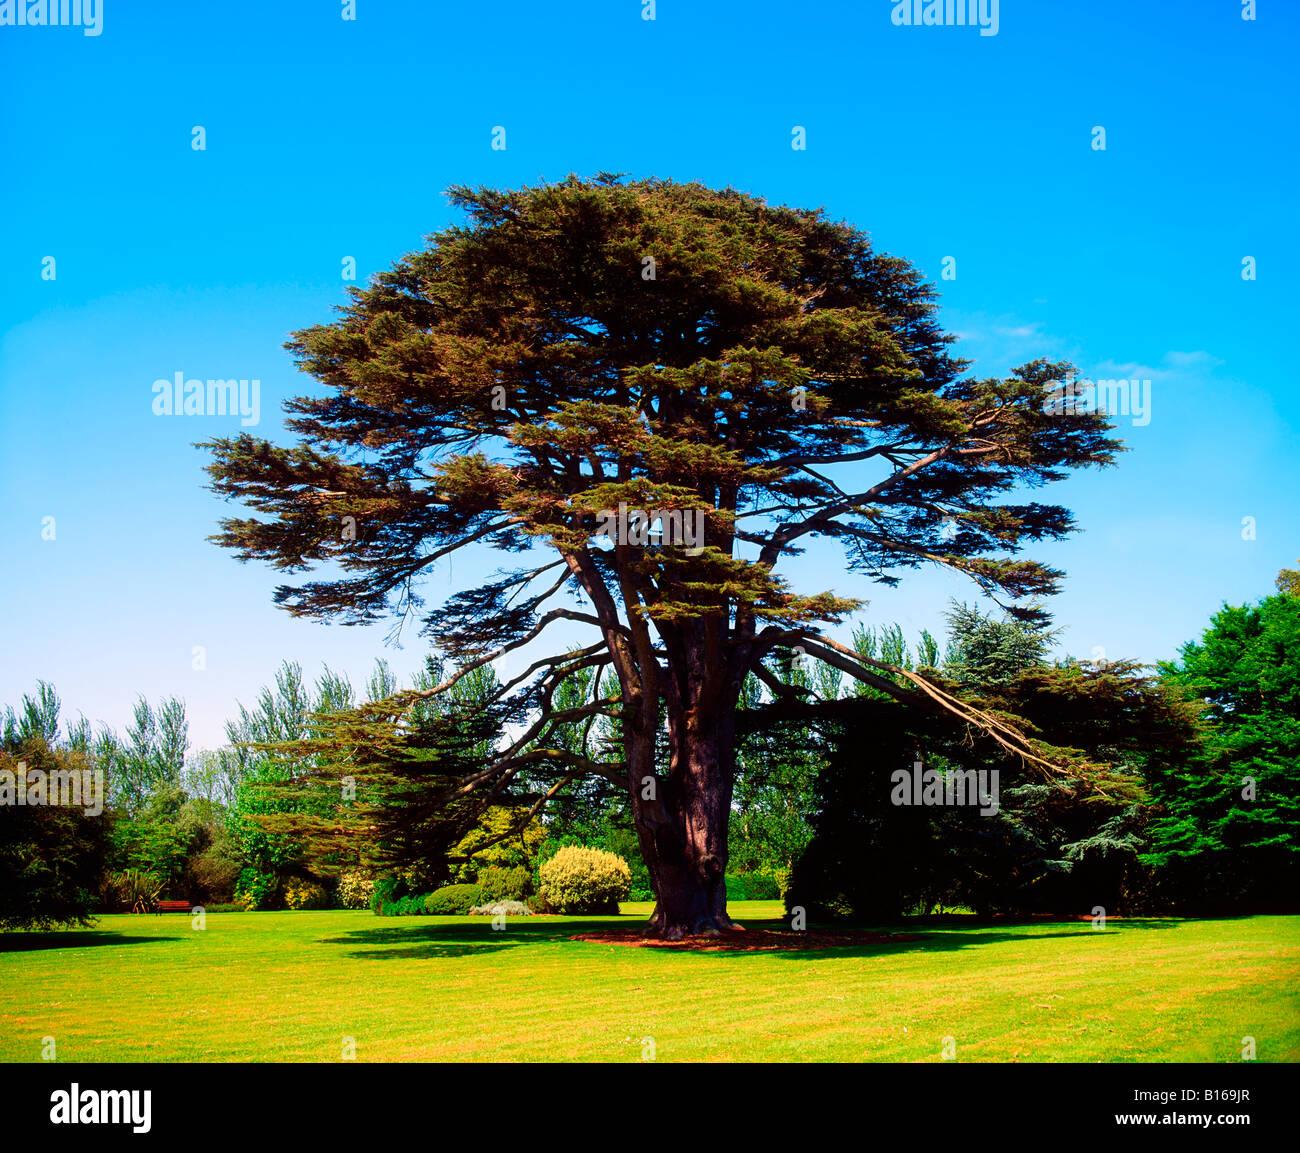 Lebanon cedar, Malahide Demesne, Co Dublin, Ireland - Stock Image